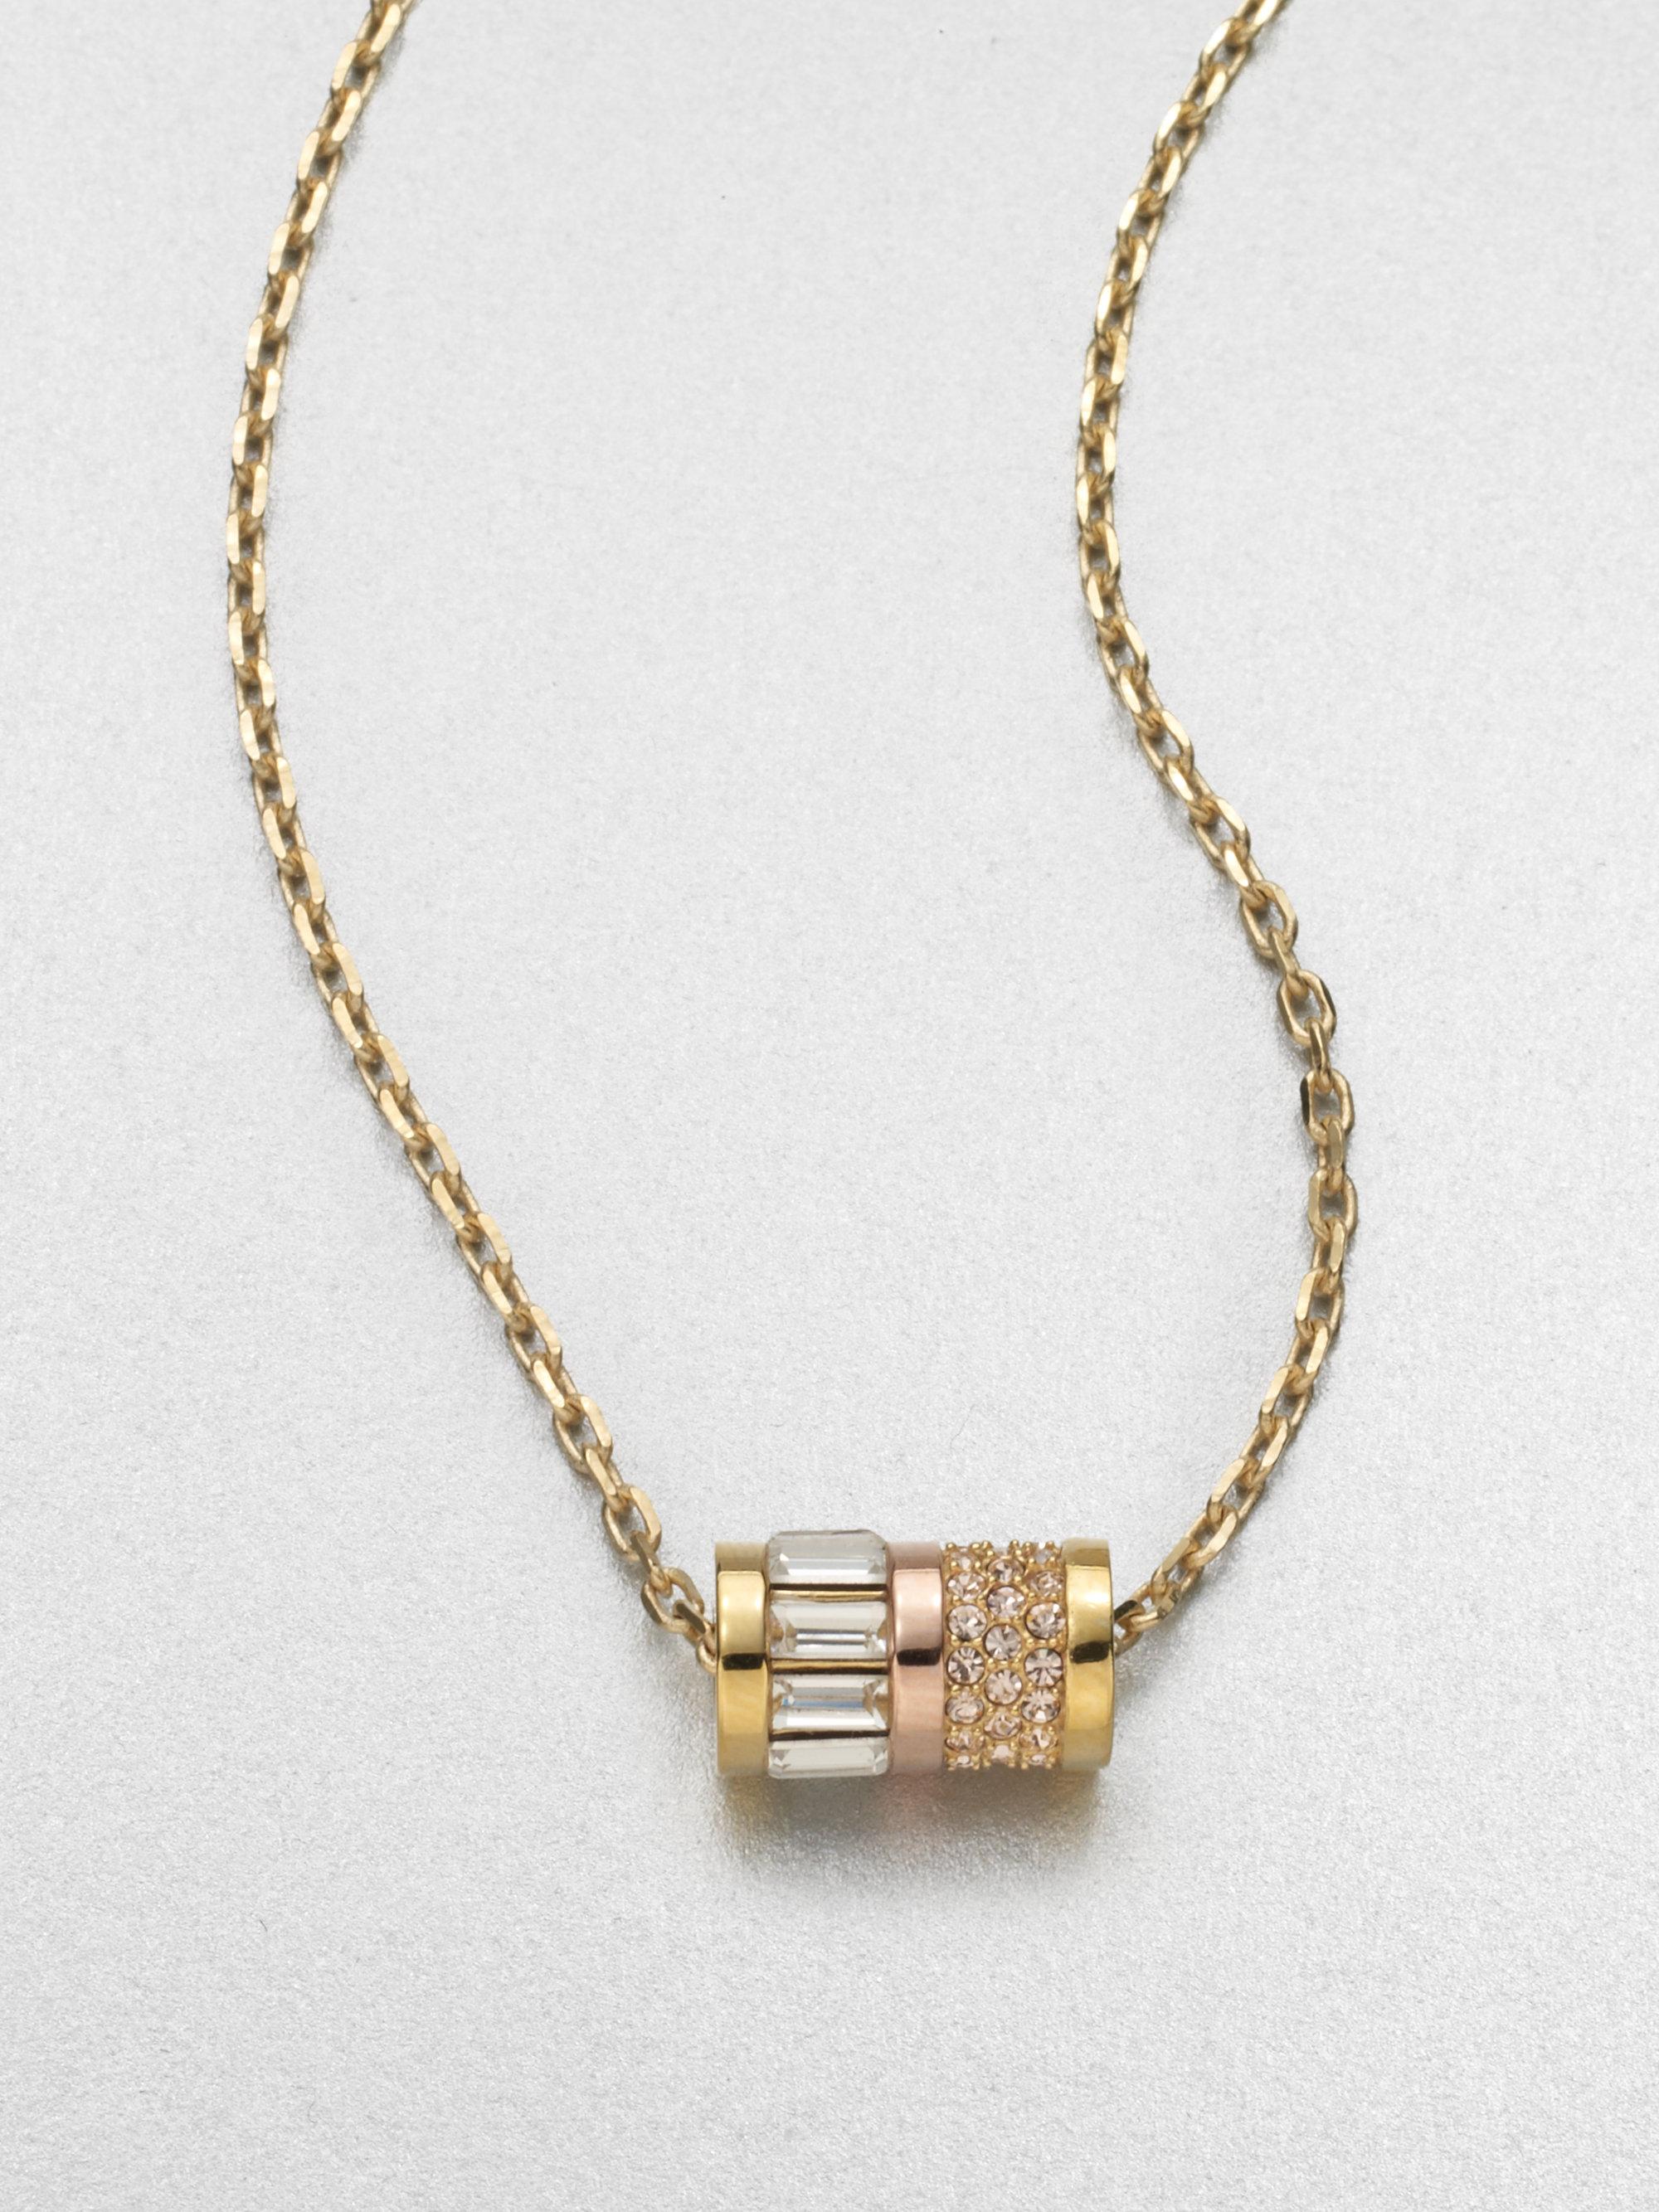 Lyst Michael Kors Barrel Pendant Necklace In Metallic